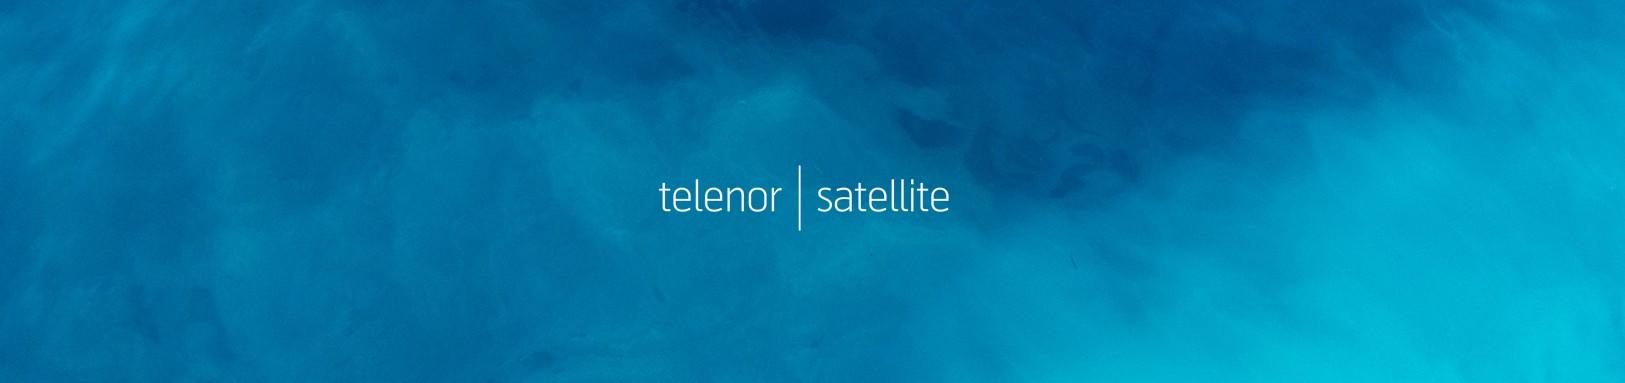 Telenor Satellite AS | LinkedIn